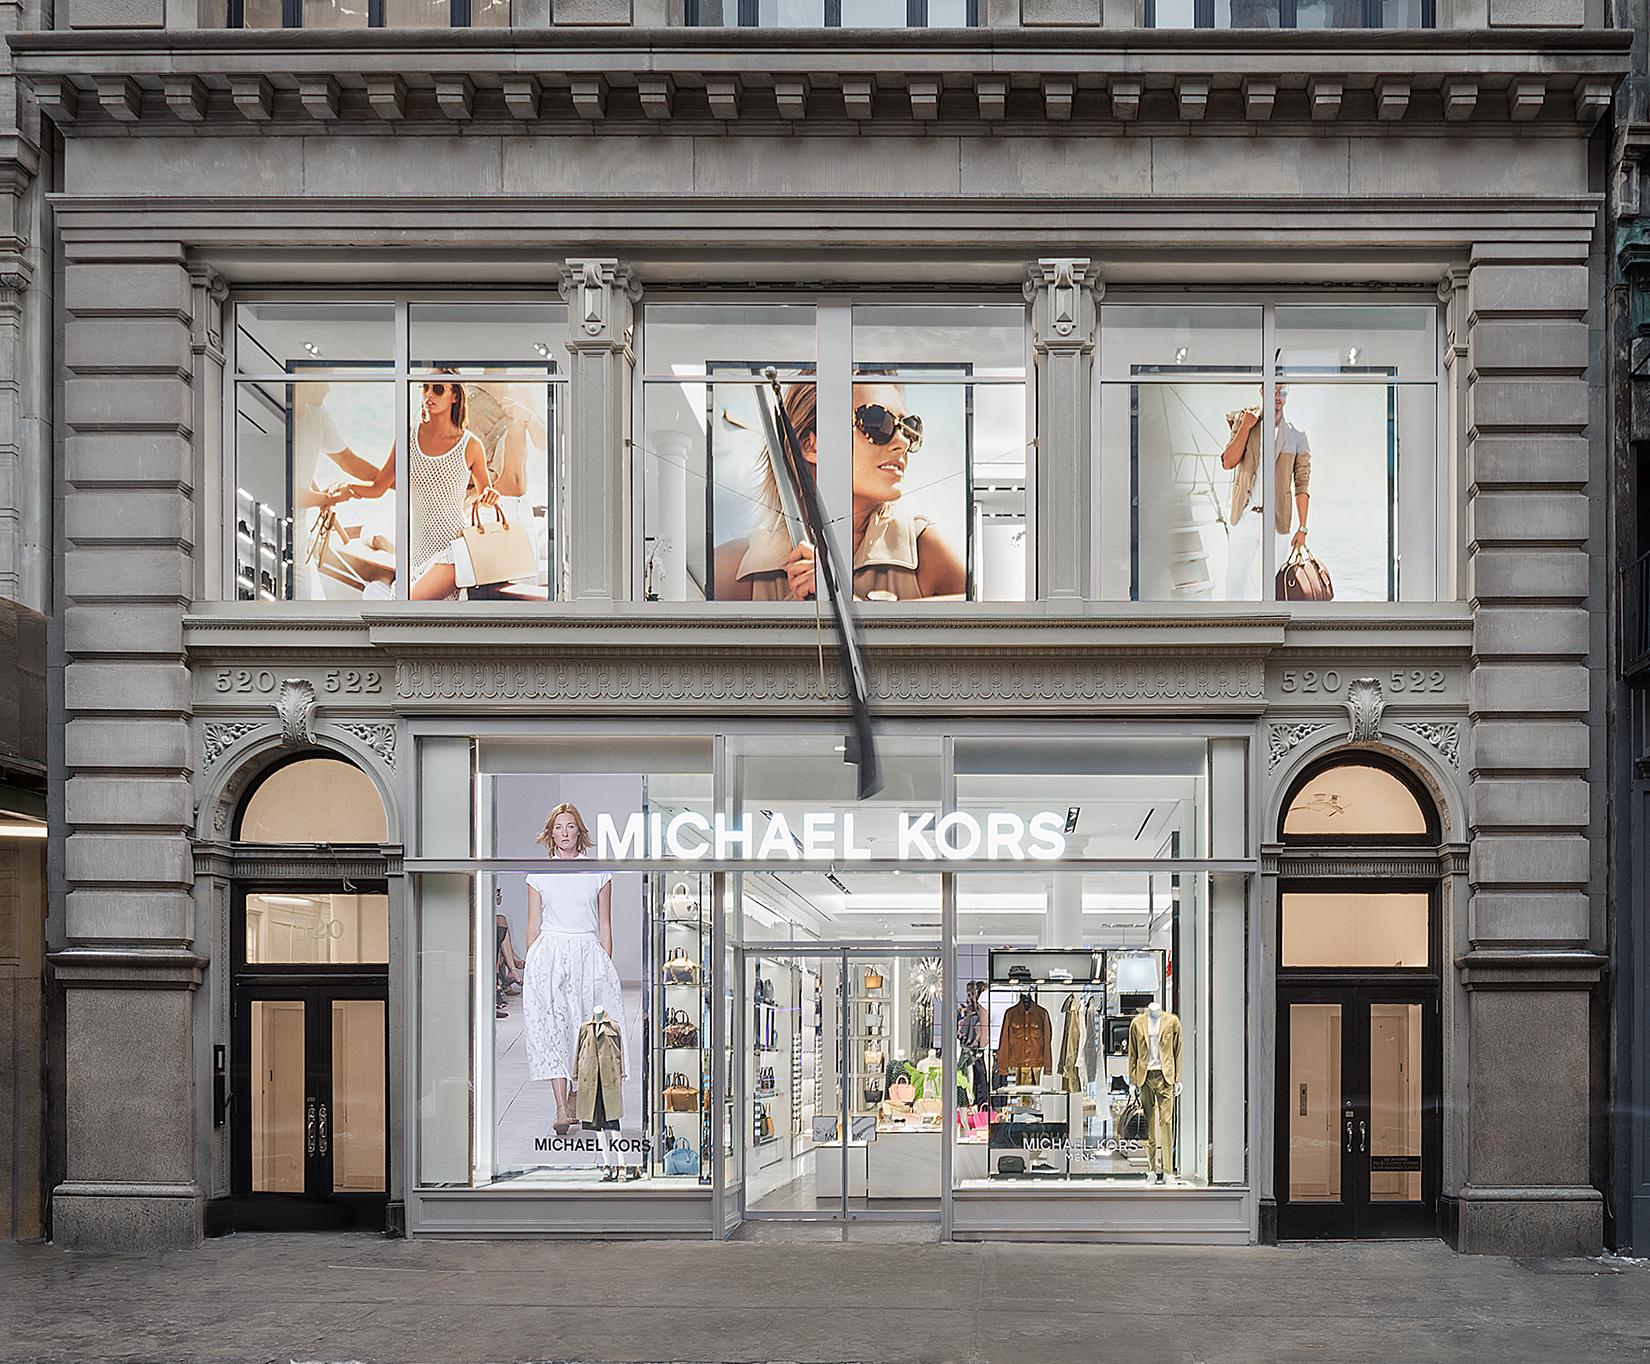 La boutique más grande de Michael Kors en Nueva York | ActitudFem